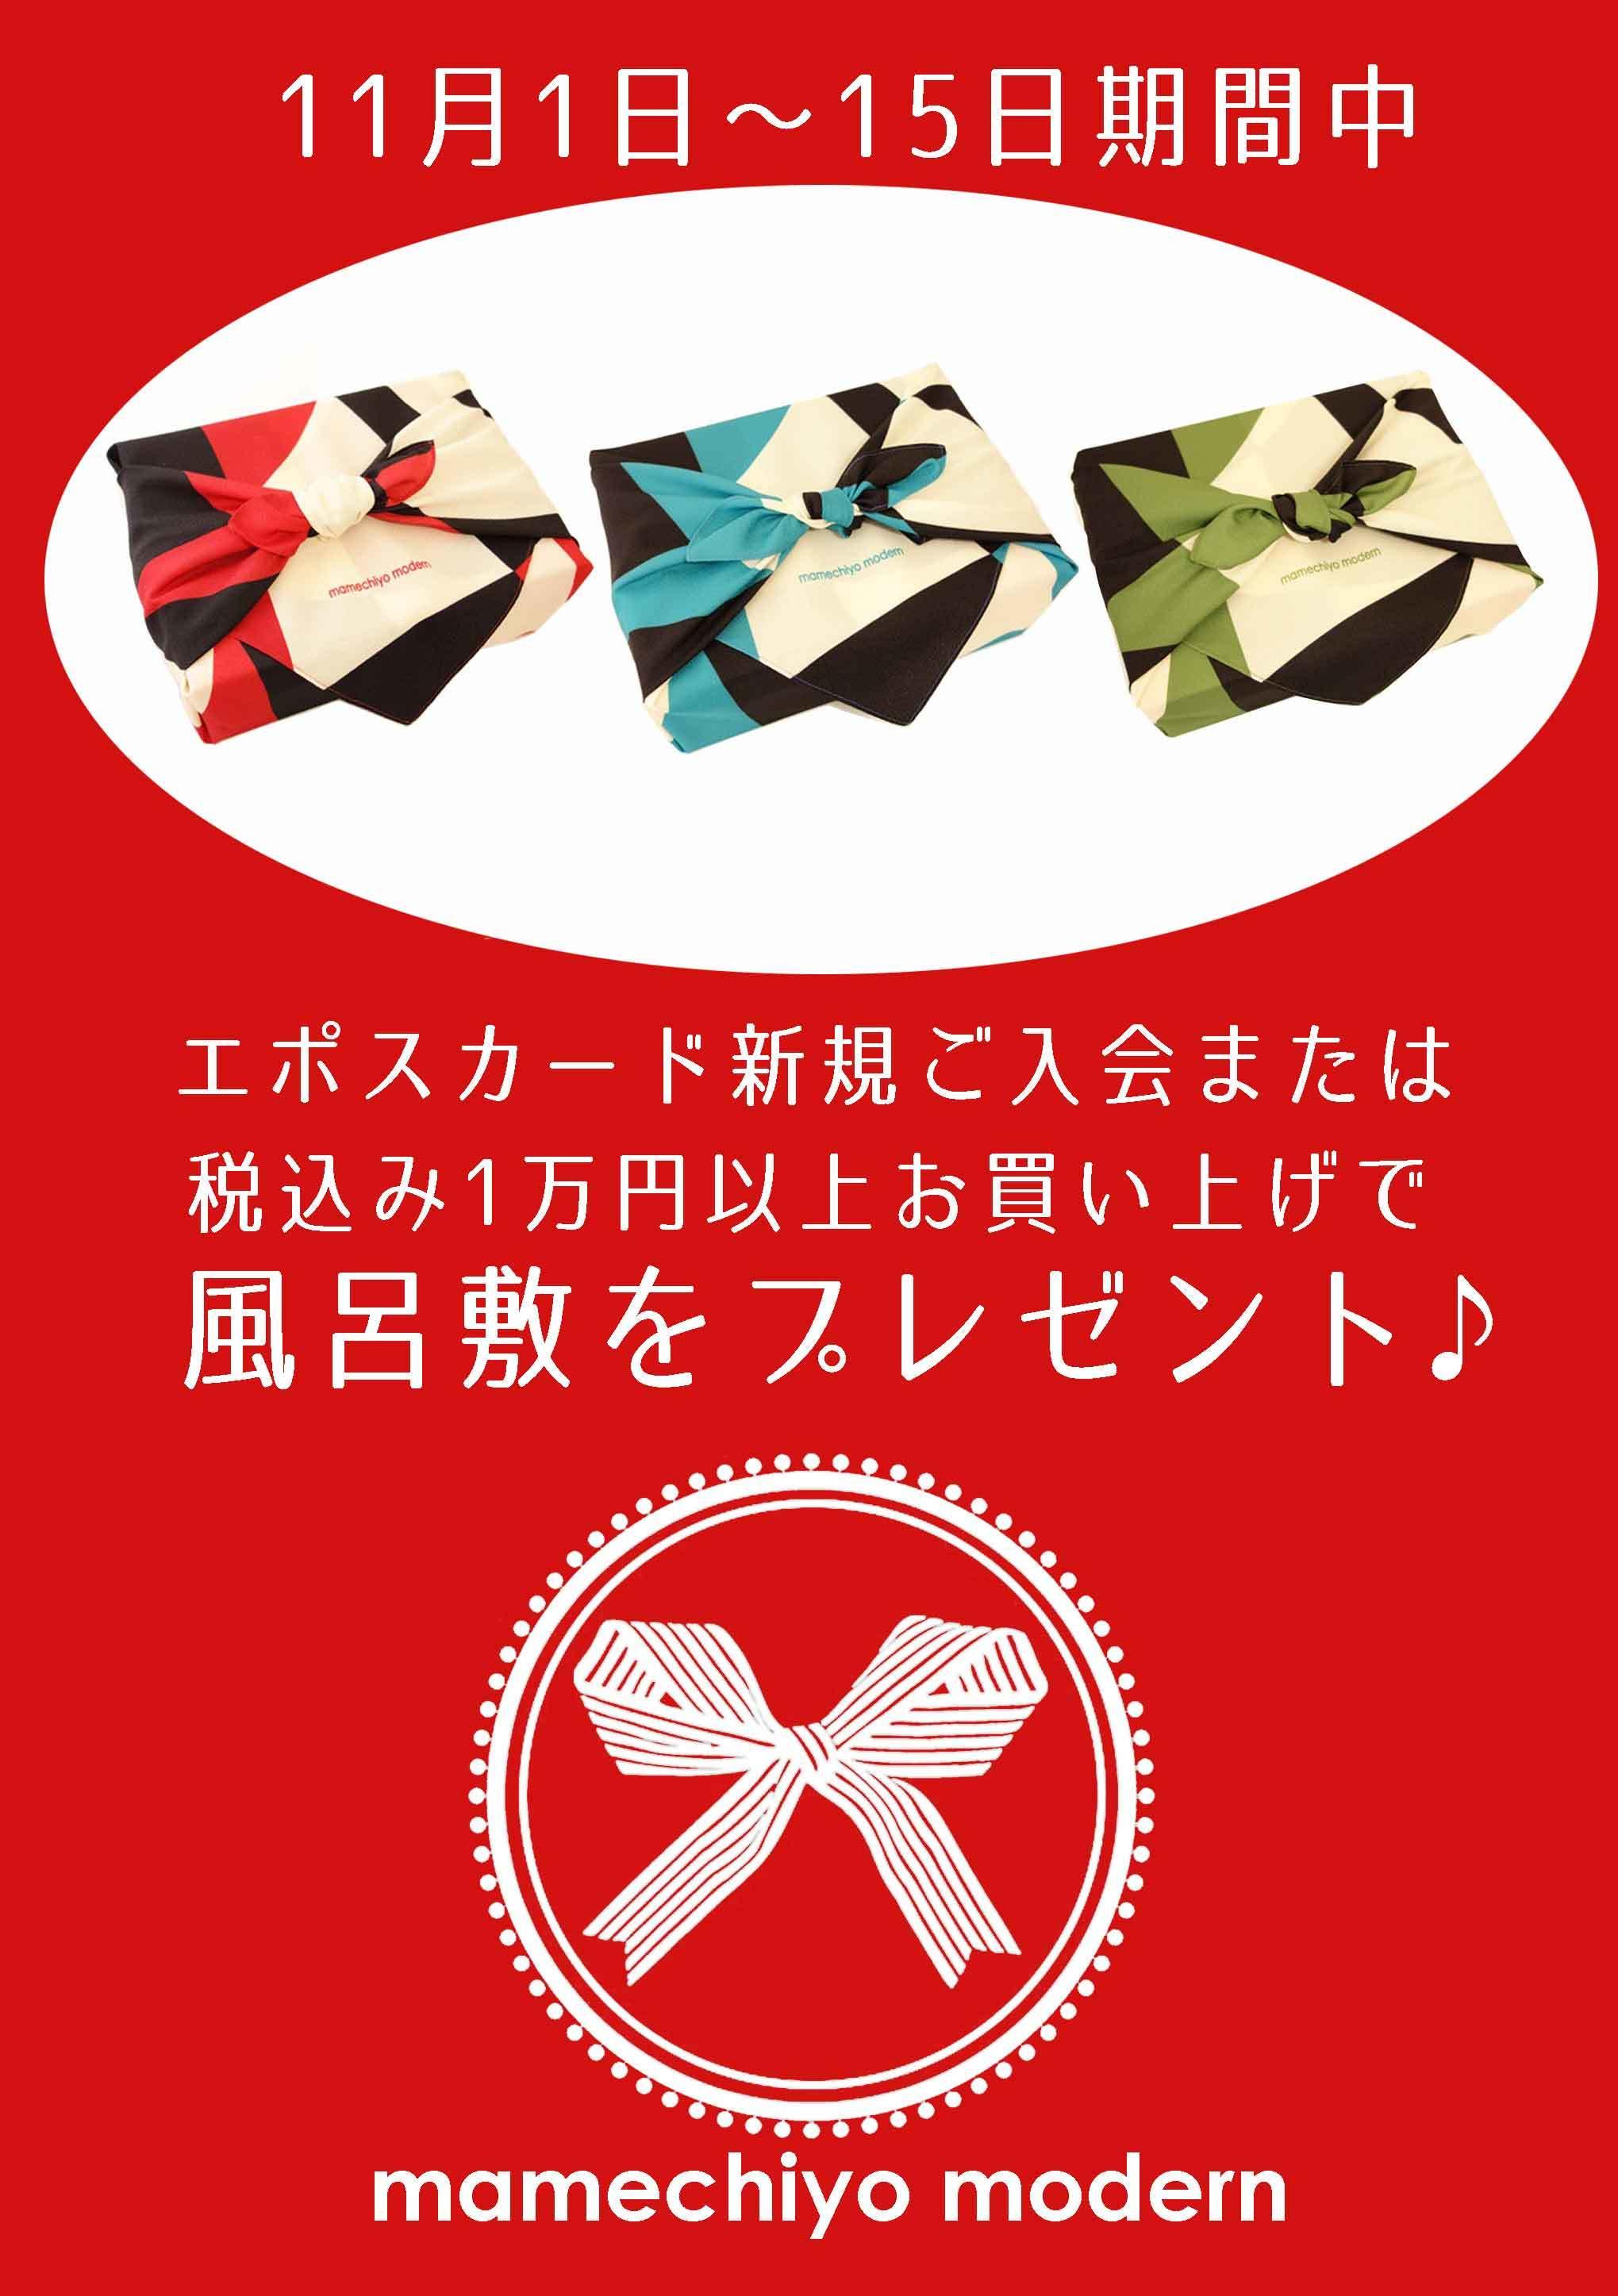 豆千代モダン*新宿マルイアネックス1F正面ウインドウに登場♪_e0167832_13293824.jpg